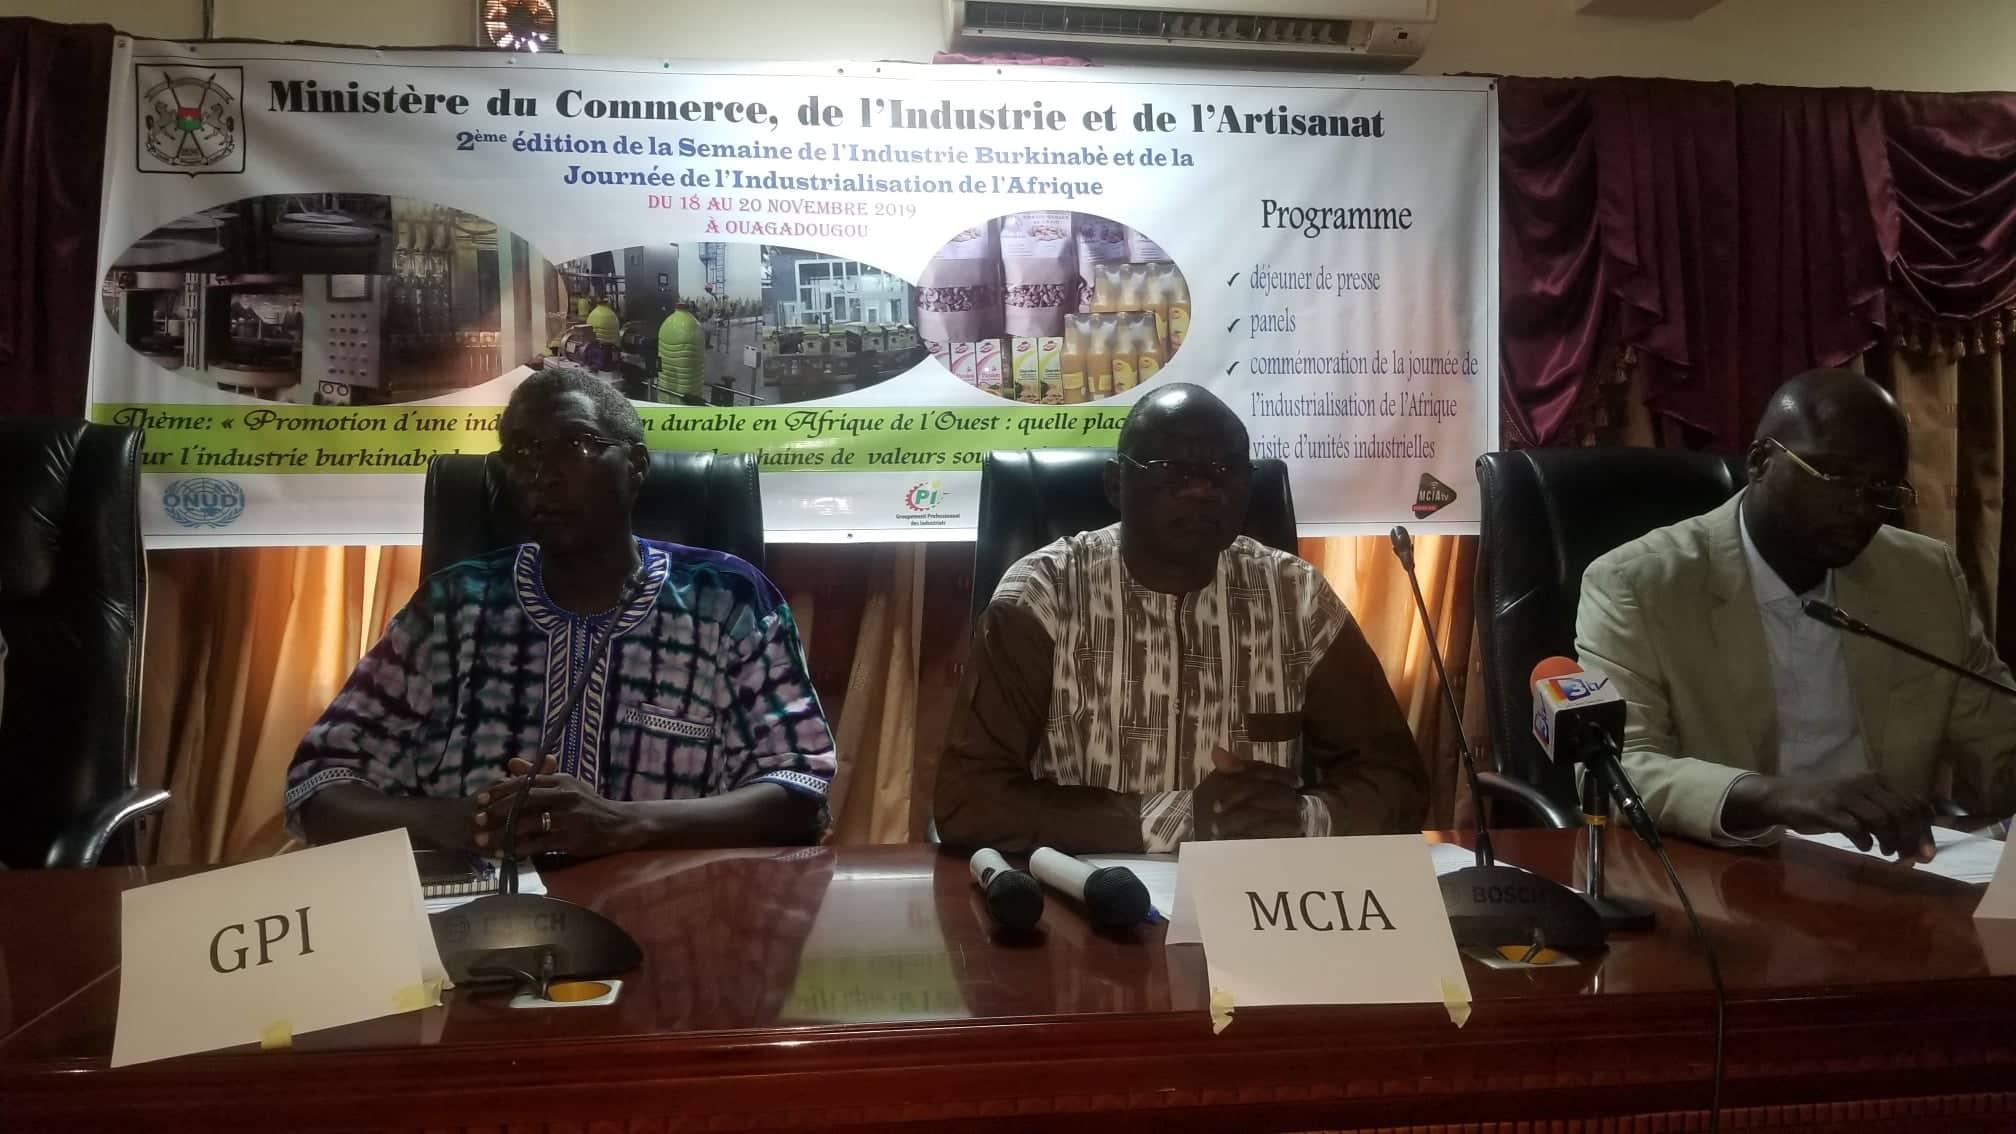 2e édition de la semaine de l'industrie burkinabè: Trouver les solutions aux maux qui minent le secteur